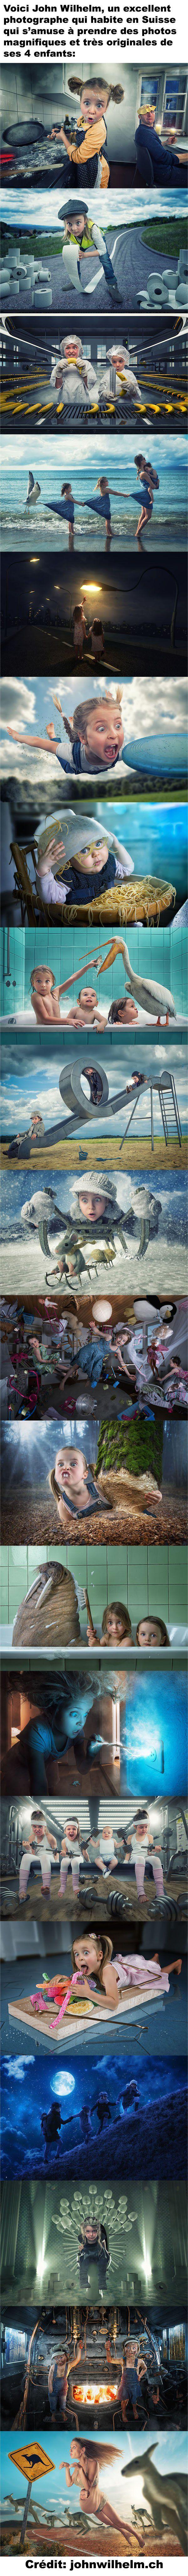 Le photographe John Wilhelm a pris 20 photos très originales et créatives de ses 4 enfants